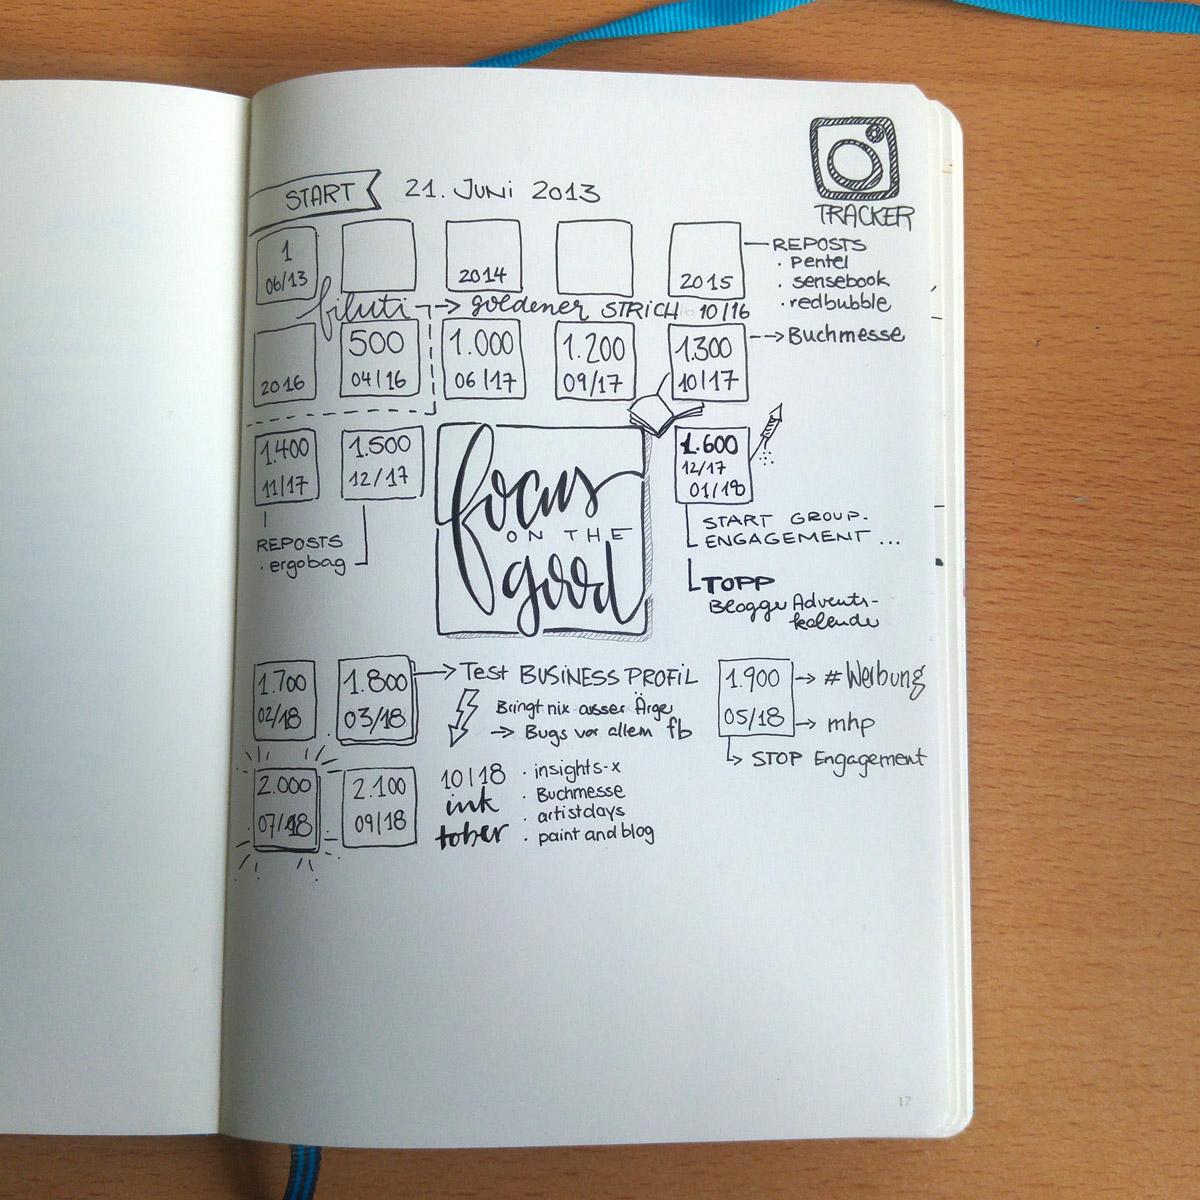 Mein erster Tracker: Instagram-Follower Zahlen. Das Wichtigste daran ist aber der Satz in der Mitte: Focus on the good!